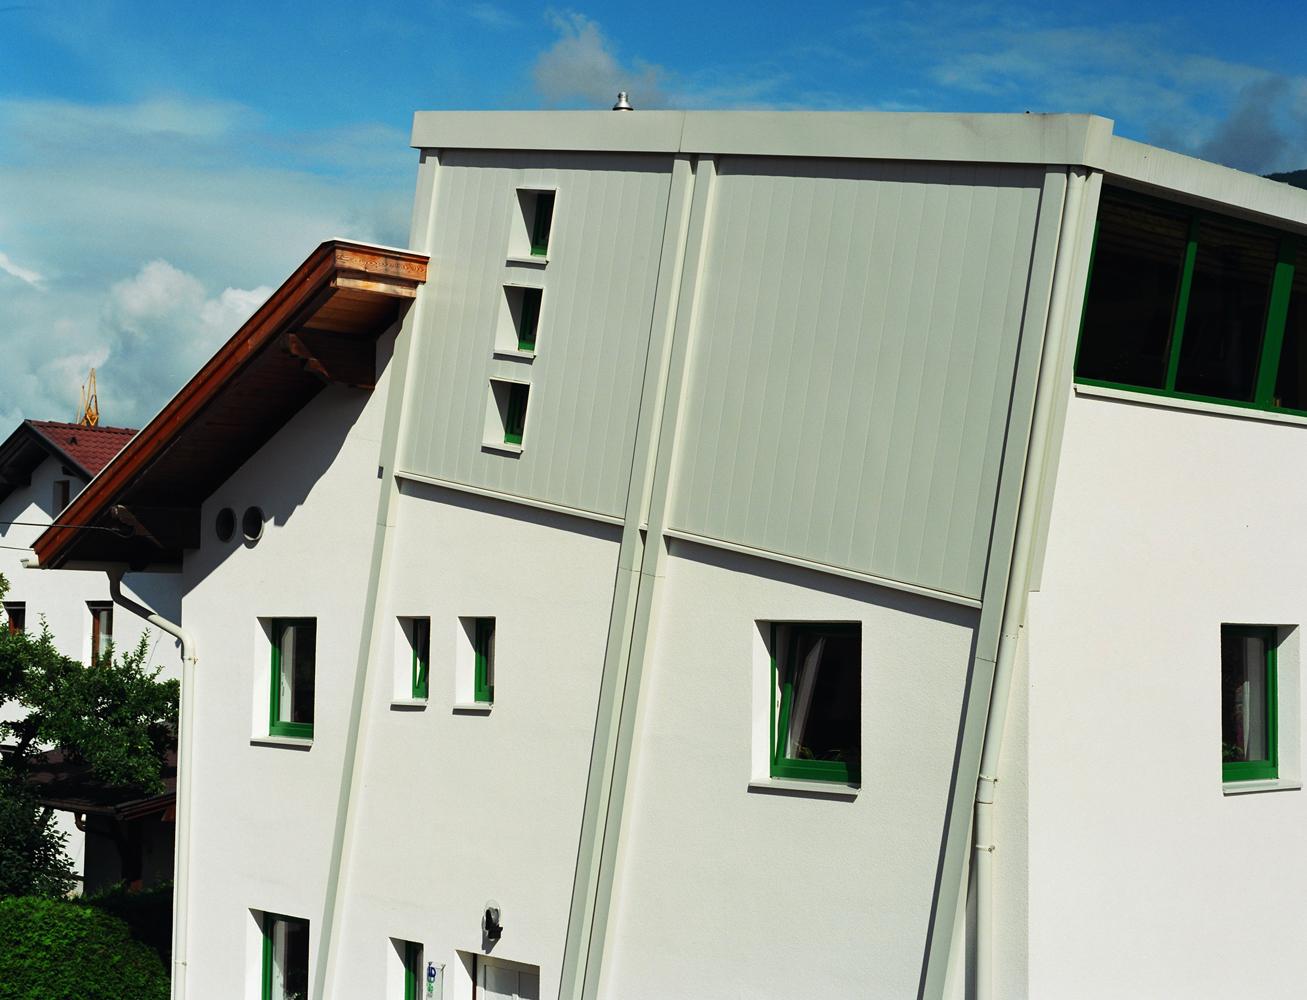 facciata ventilata, isolamento ventilato